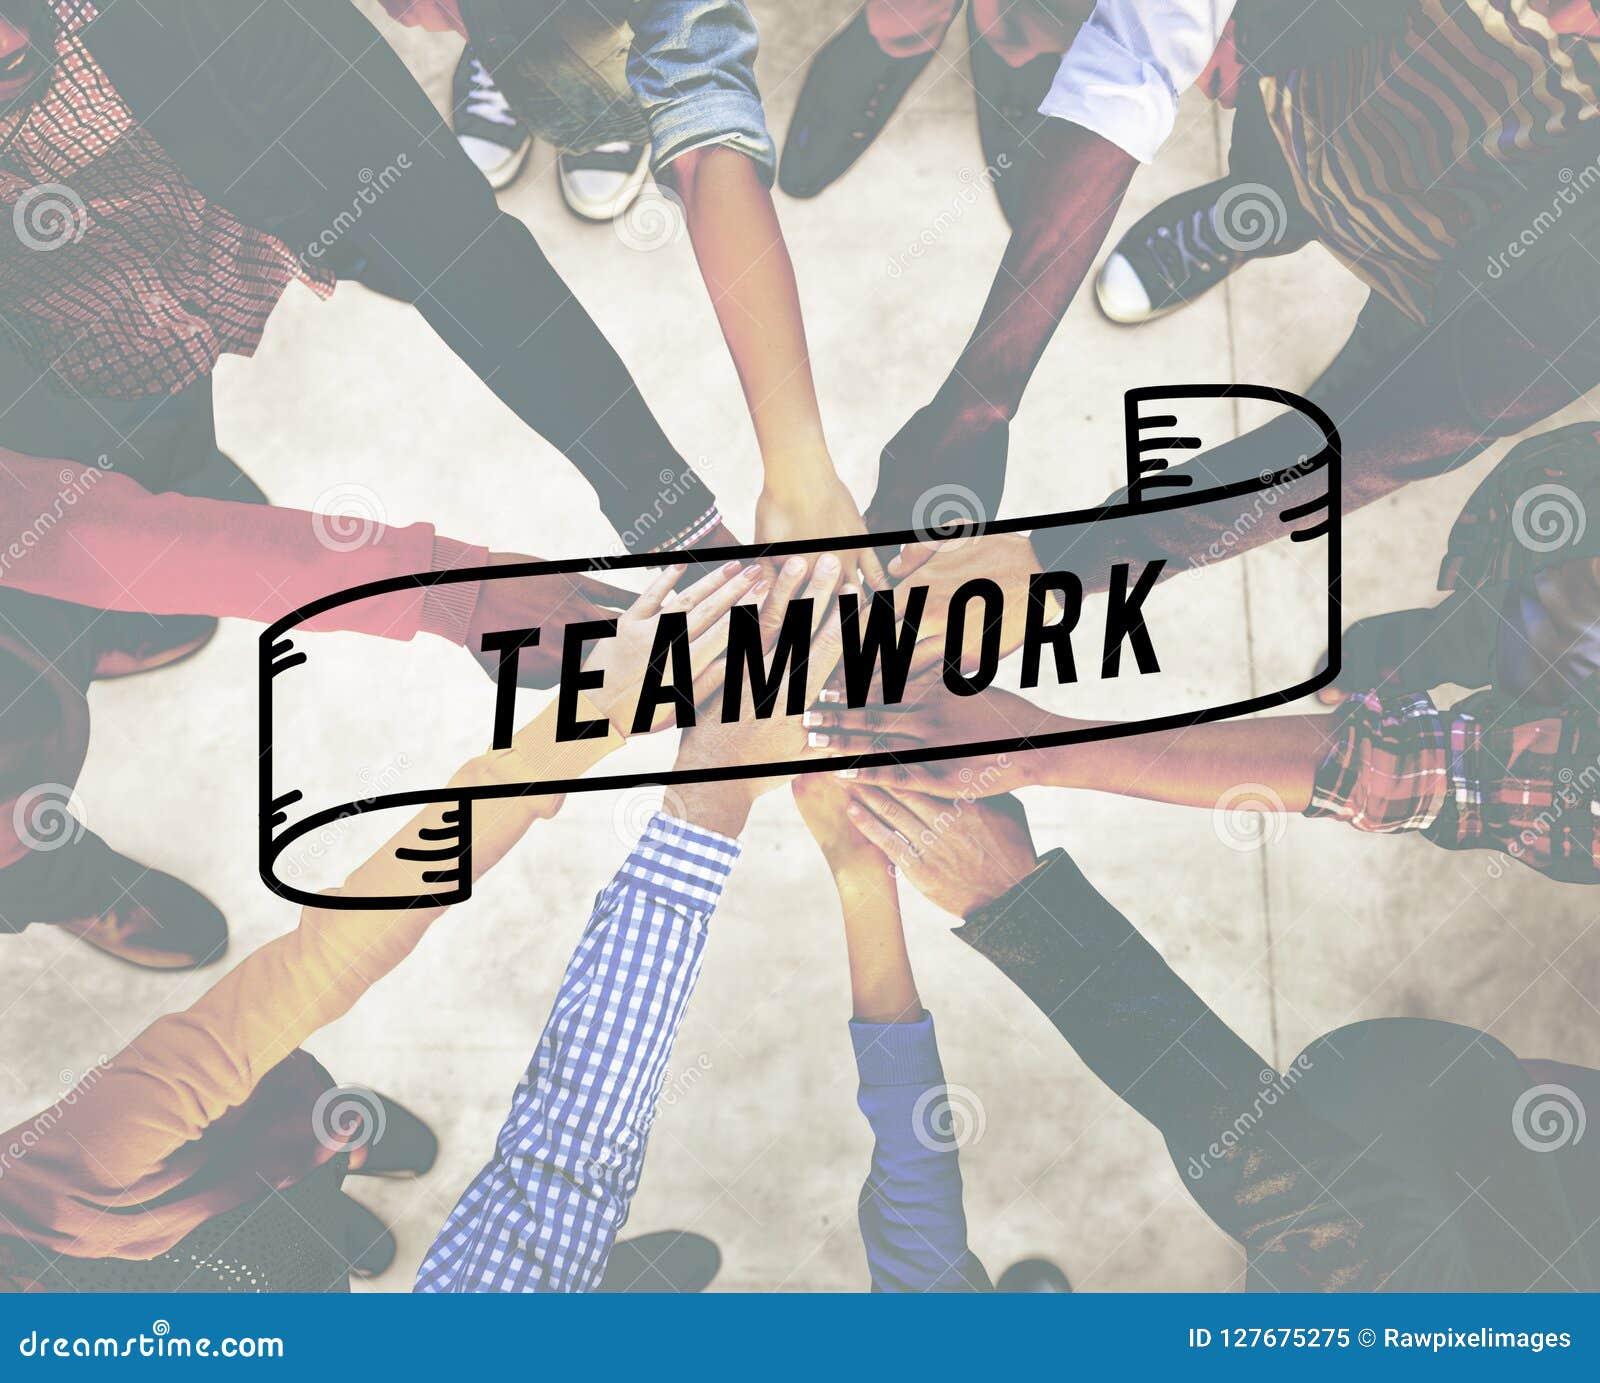 配合对组织工作合作关系概念